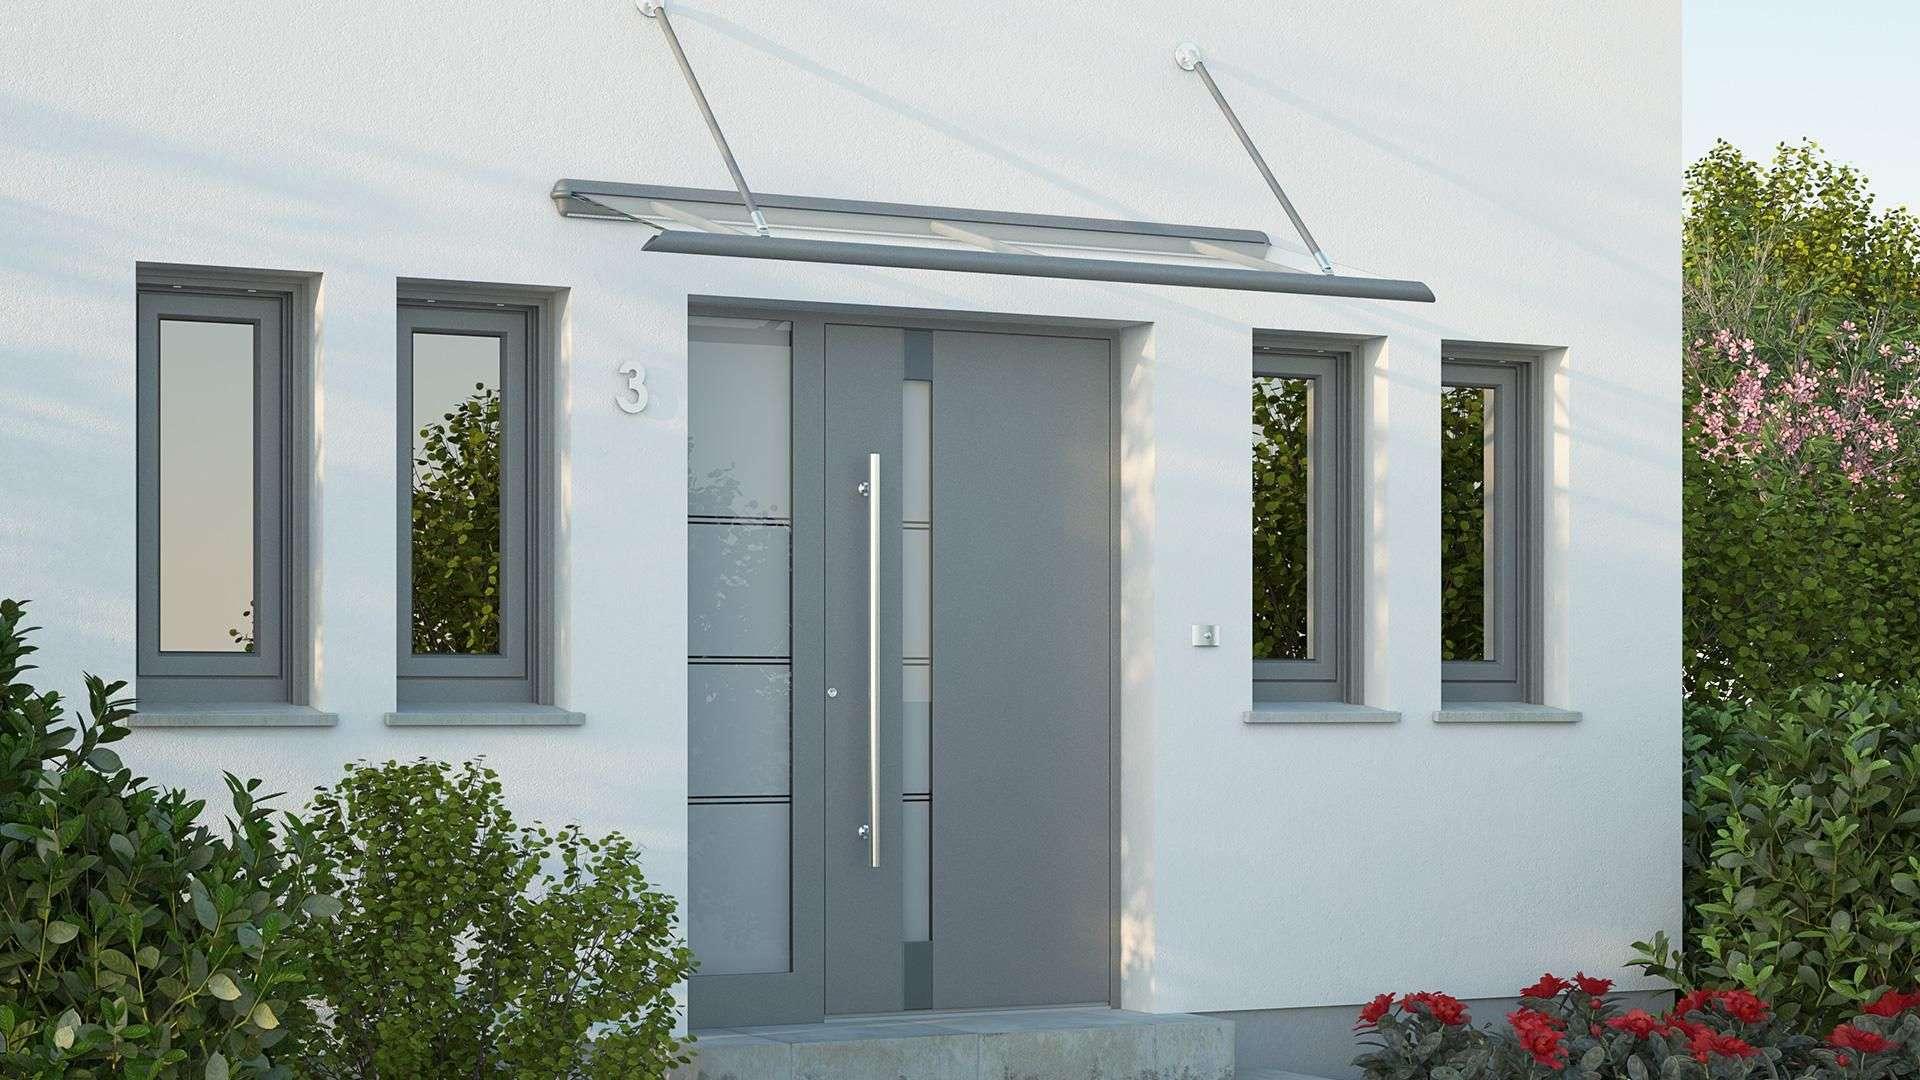 hellgraue Aluhaustür mit Vordach in einem weißen Haus